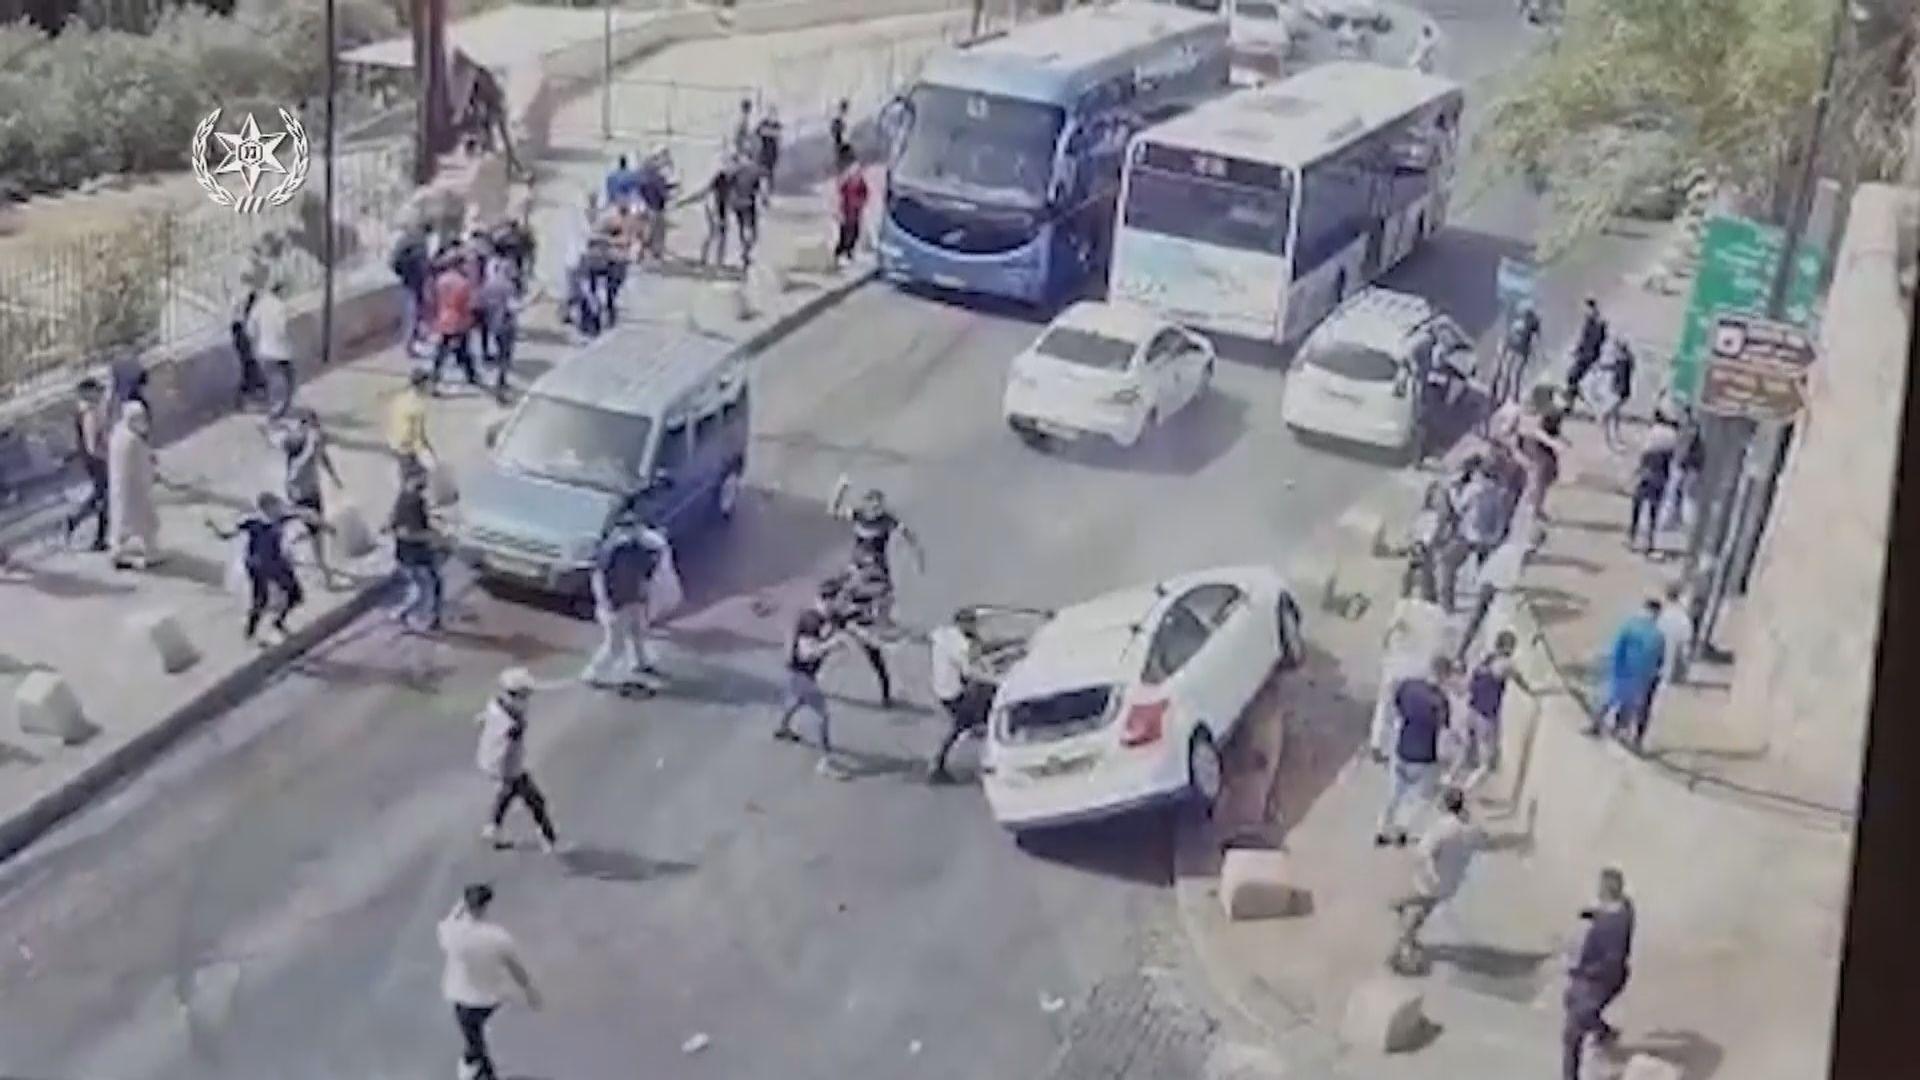 以巴局勢升溫 耶路撒冷城內連日爆發衝突